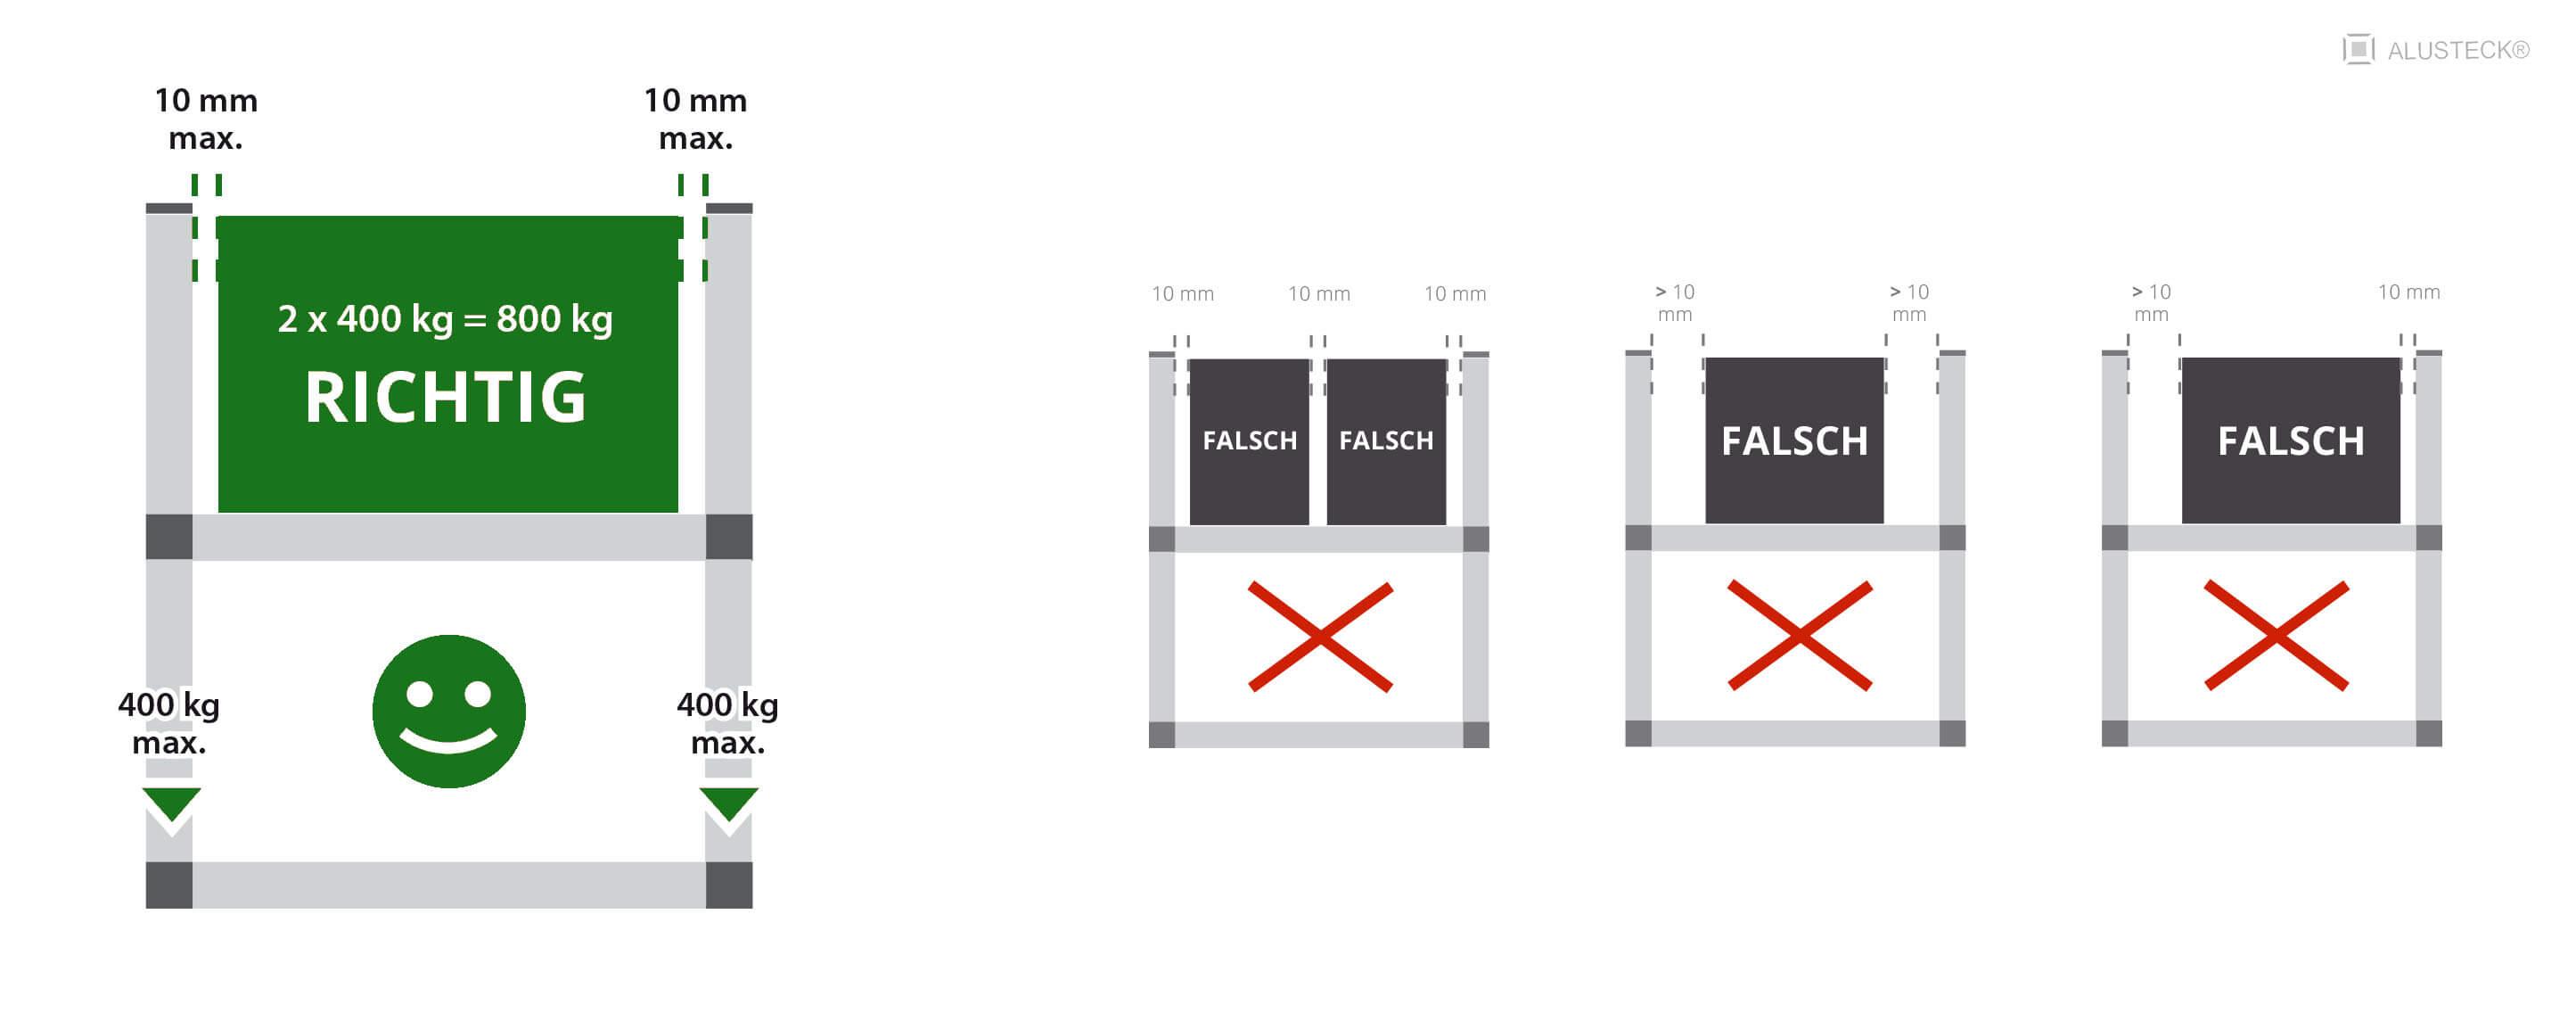 montagehinweis zum ereichen der max belastbarkeit alusteck. Black Bedroom Furniture Sets. Home Design Ideas